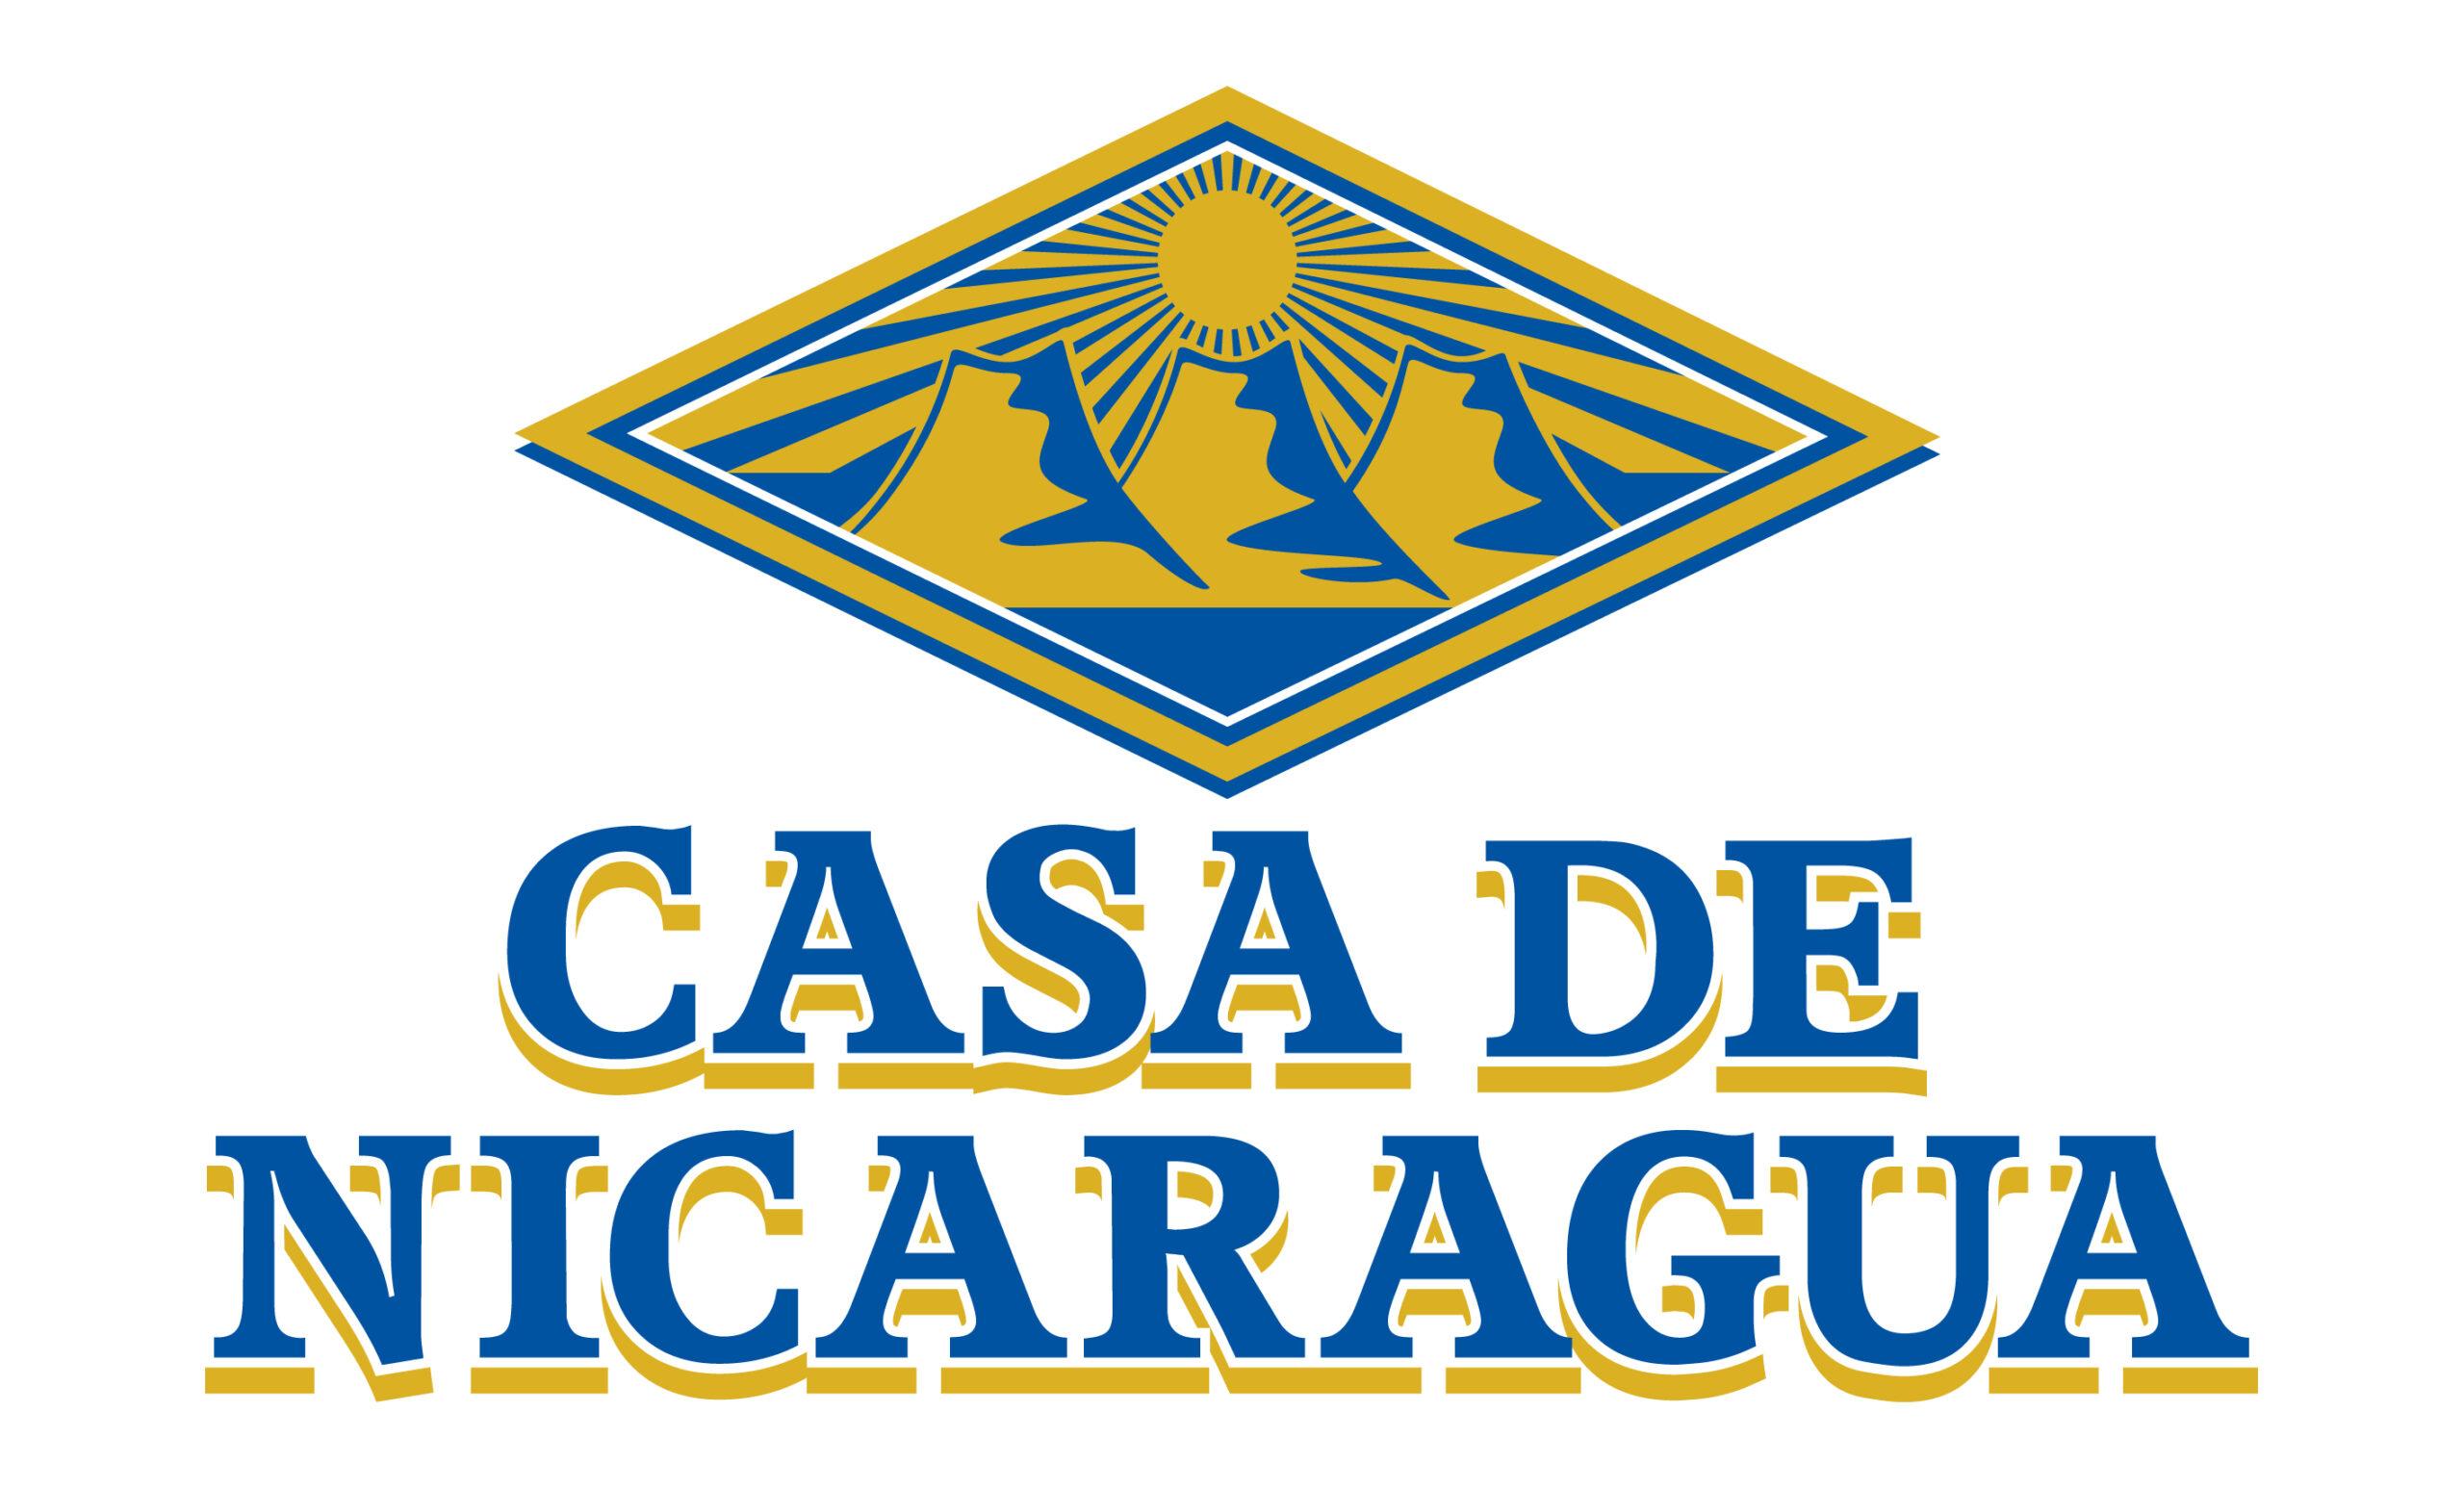 Casa de Nicaragua Zigarren Zigarrenmarke